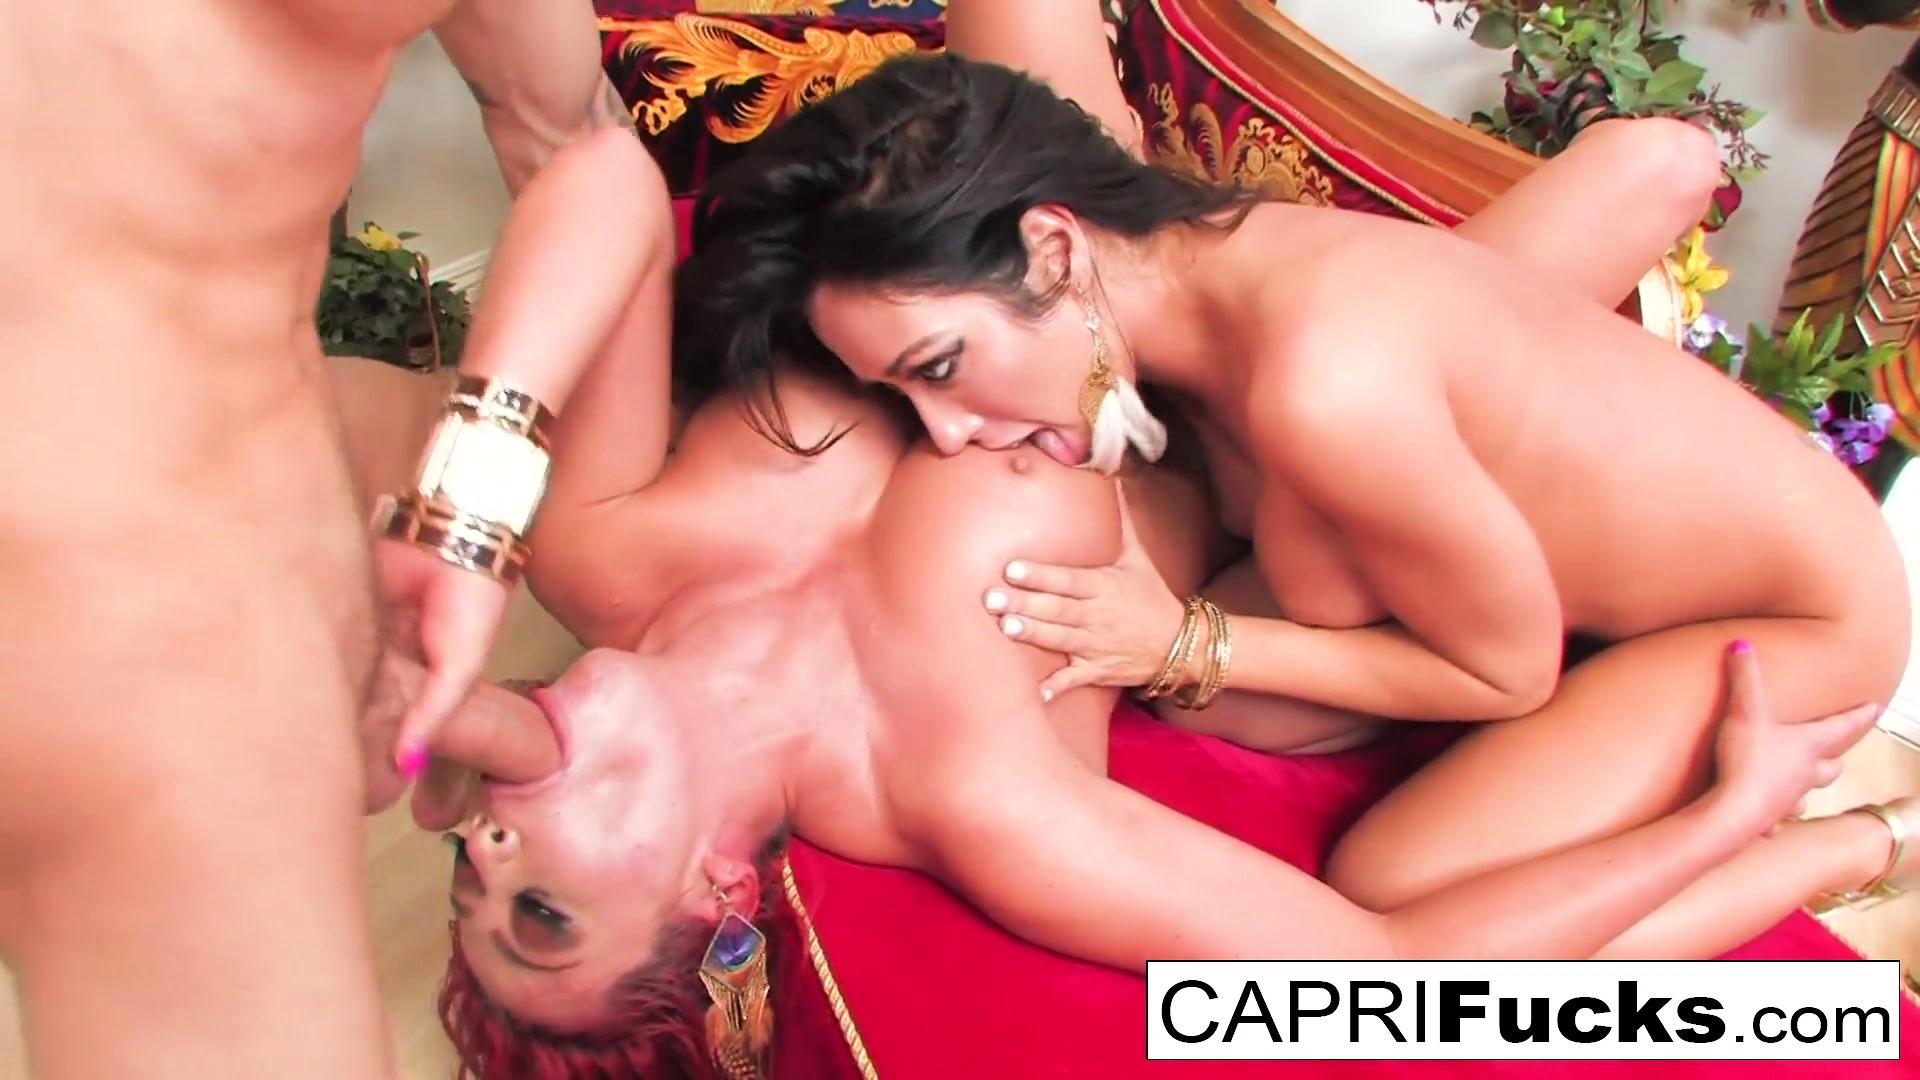 Capri And Mia Decide To Have A Threesome